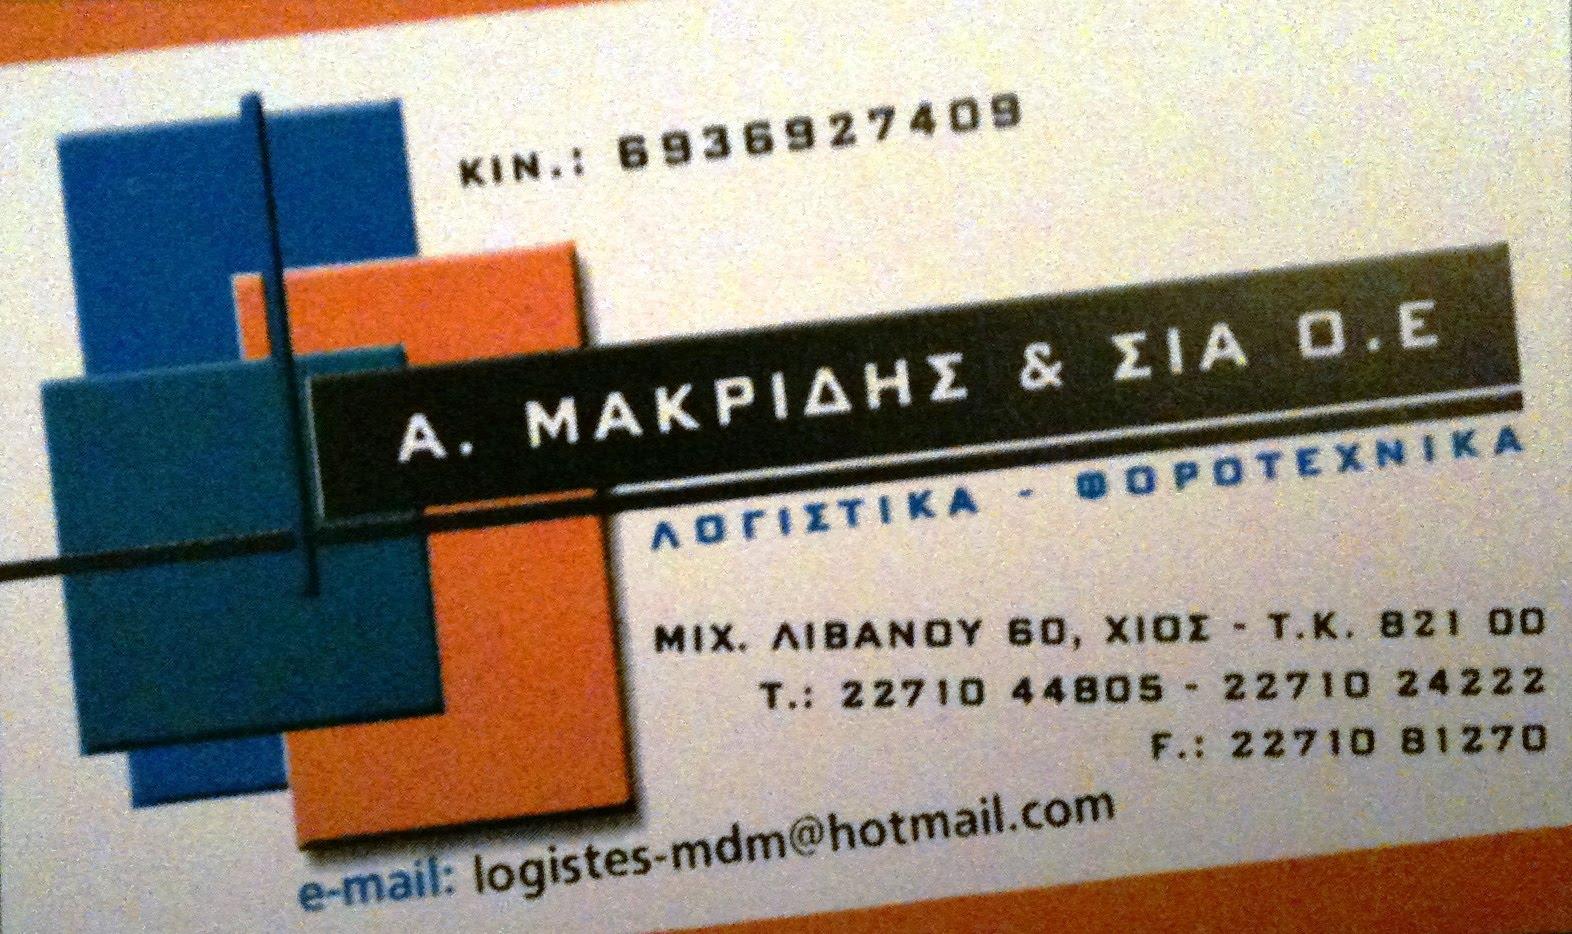 http://3.bp.blogspot.com/_7VAUxcsiXAY/S9s5_IX9H4I/AAAAAAAAAbk/BeC4HtOP2U8/s1600/IMG_0449.JPG